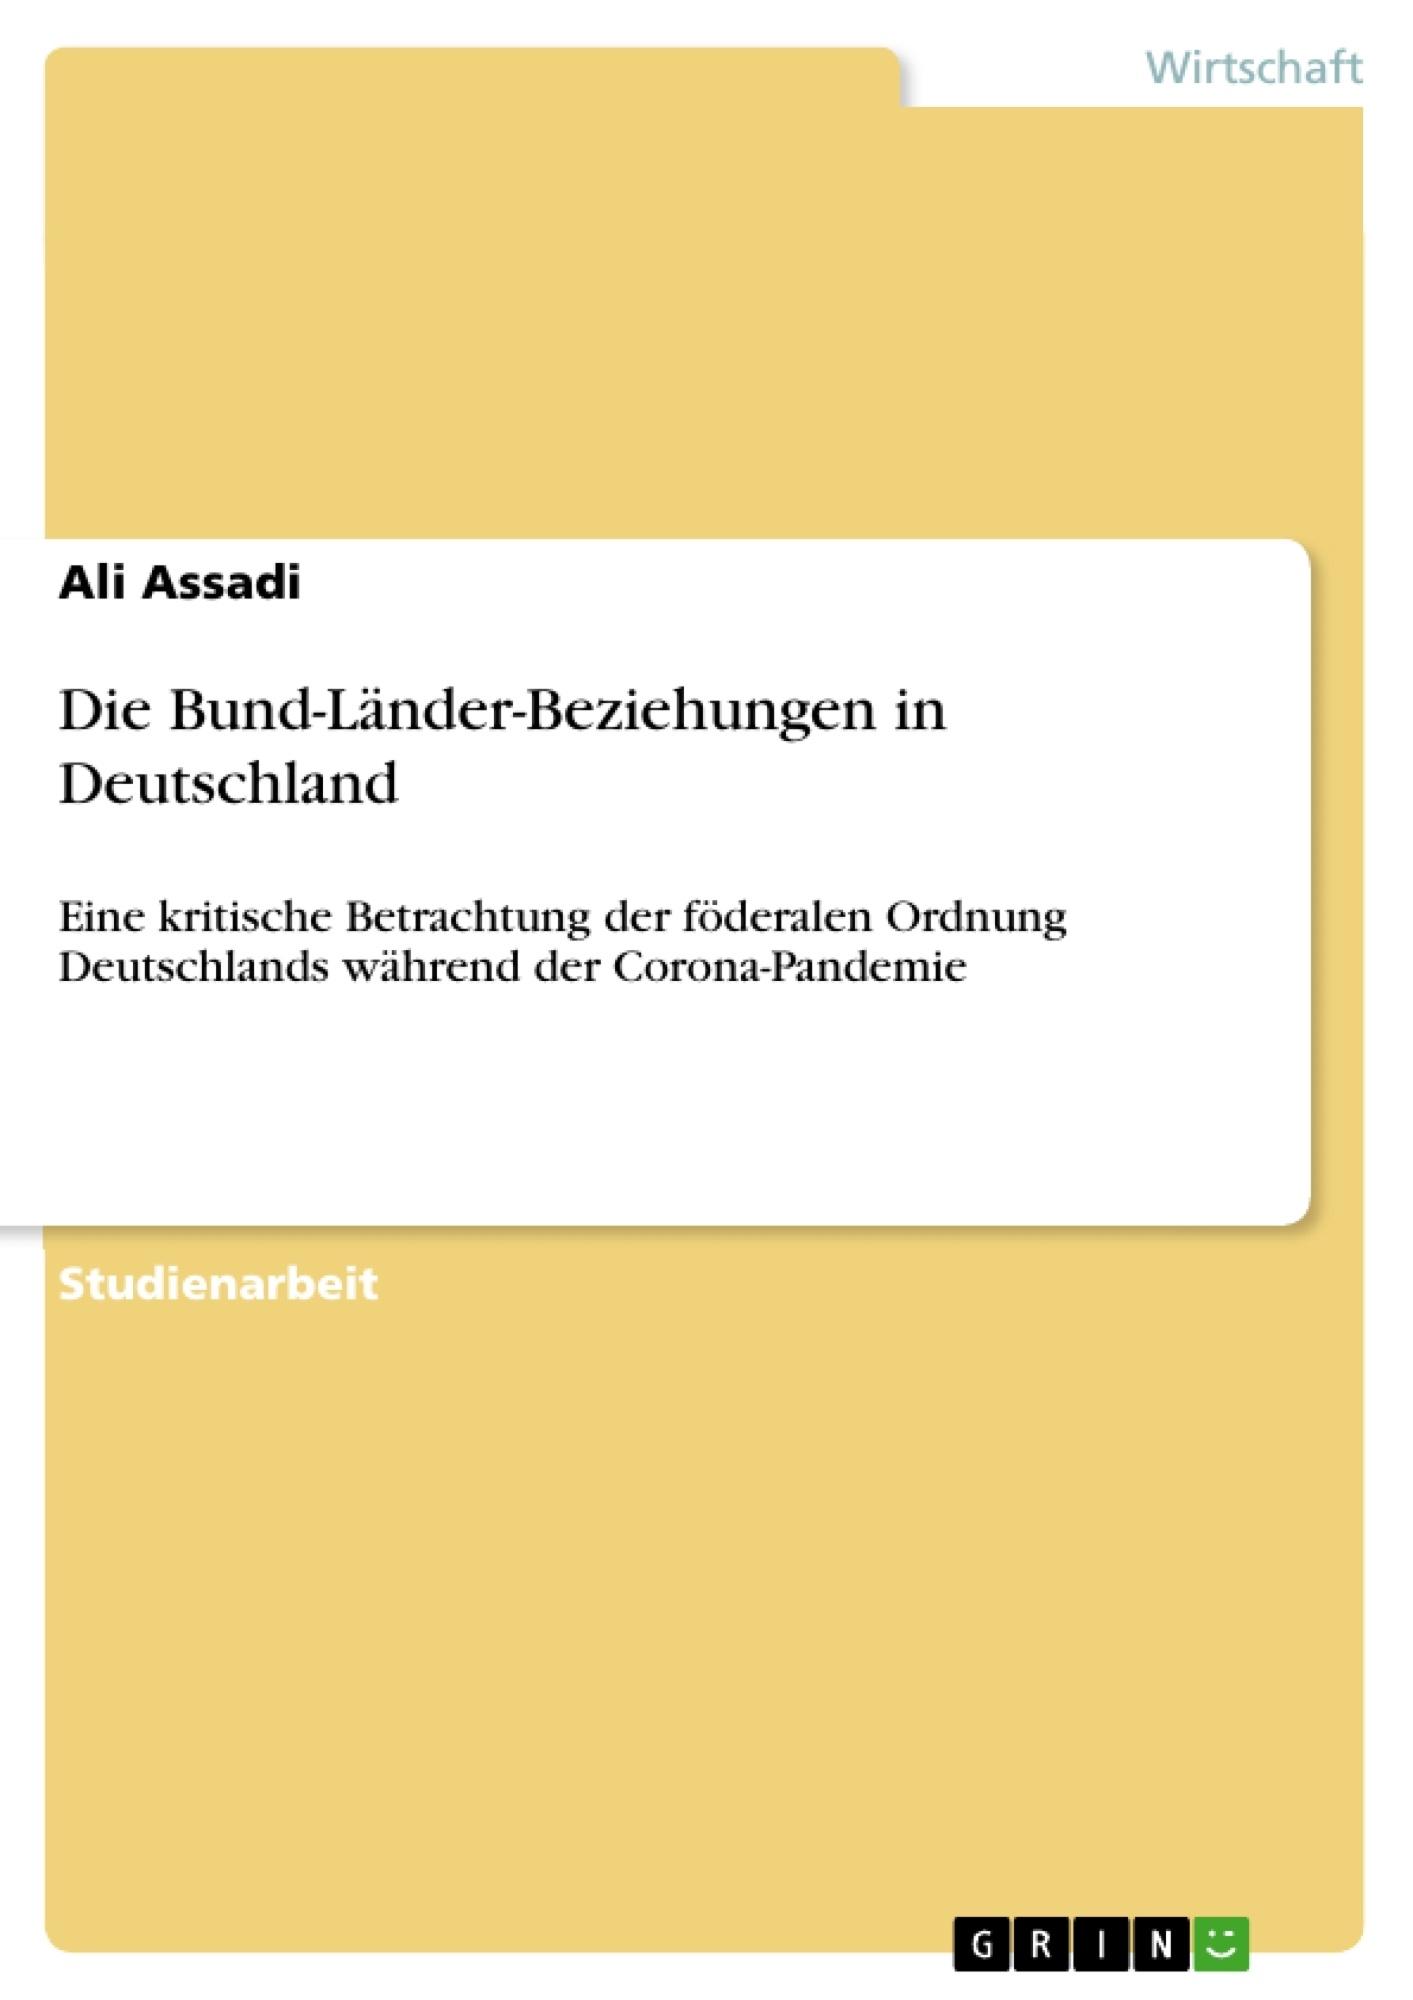 Titel: Die Bund-Länder-Beziehungen in Deutschland